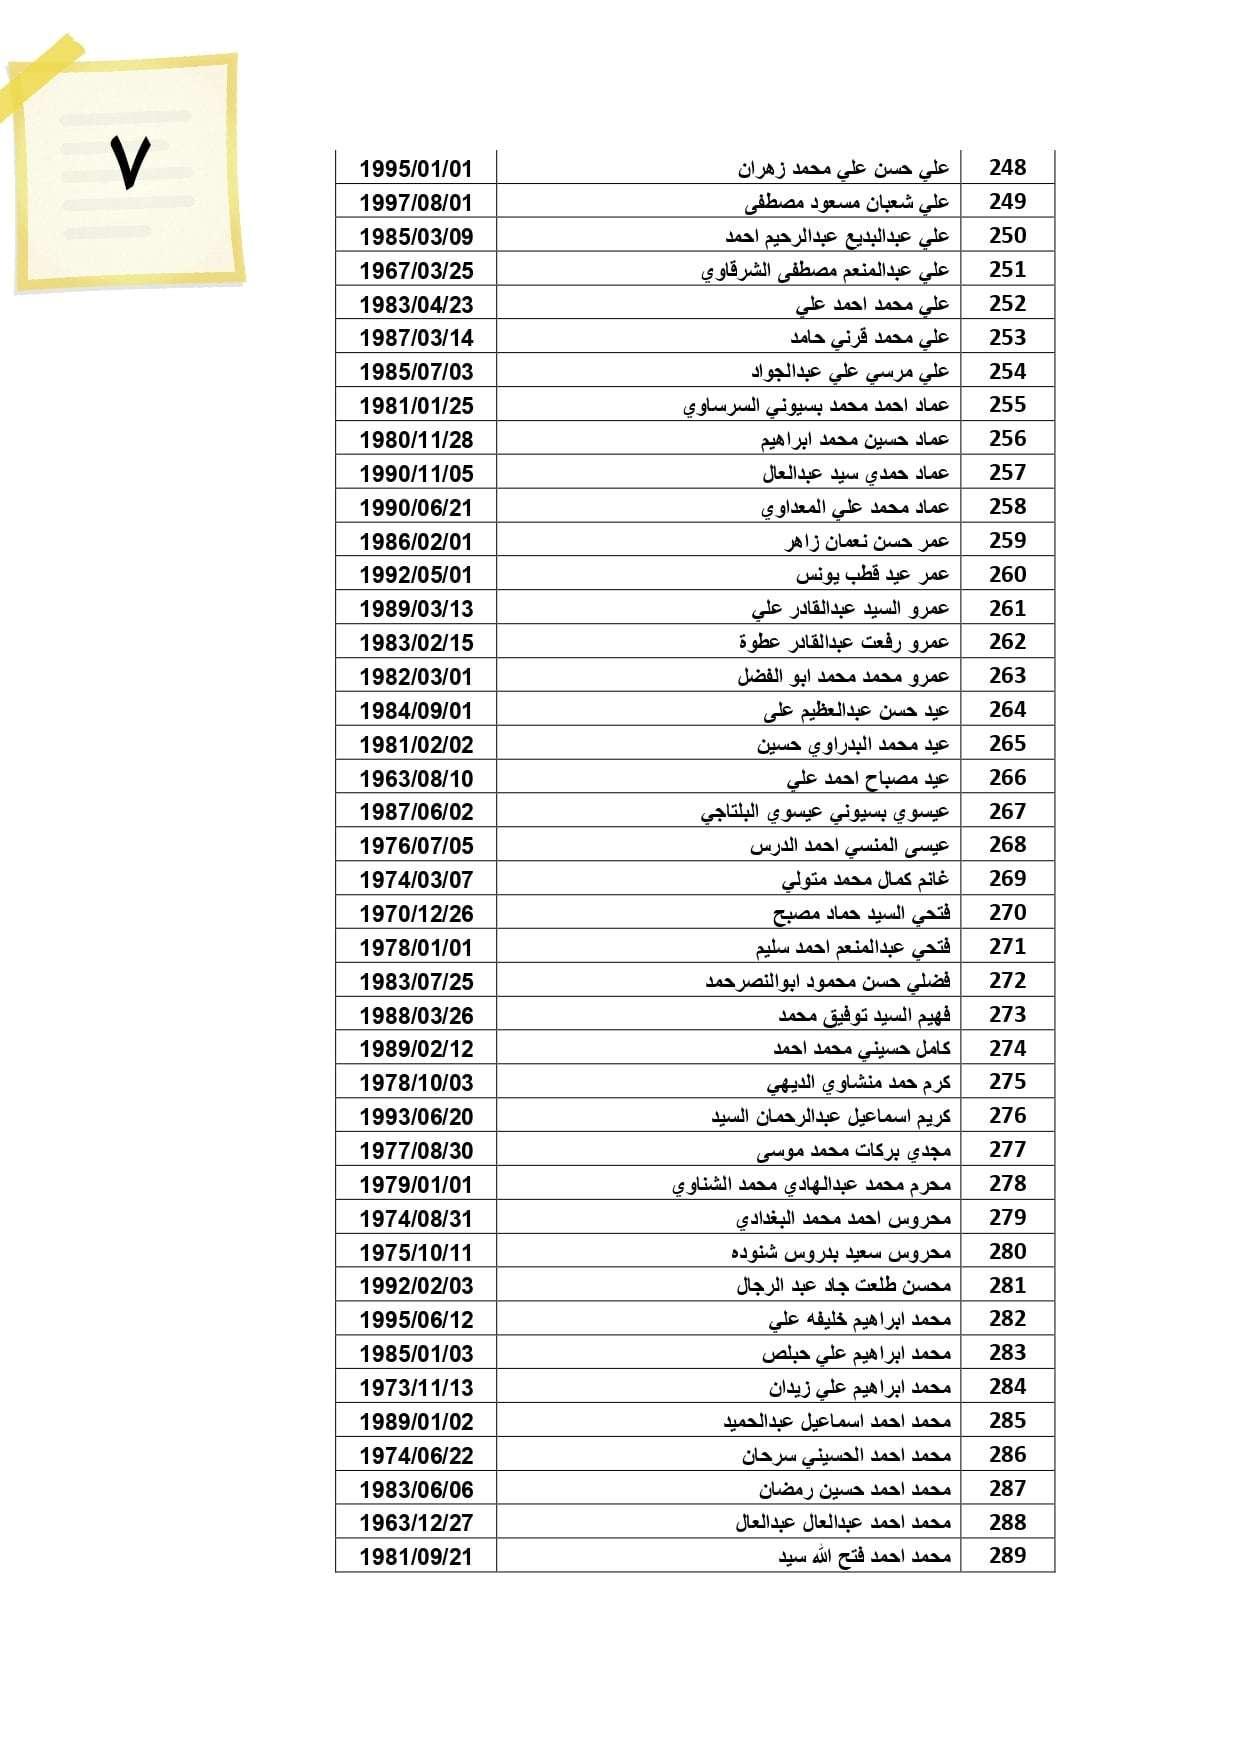 432 عامل يحصلون على 13 مليون جنيه مستحقات عملهم بالأردن.. شوف اسمك